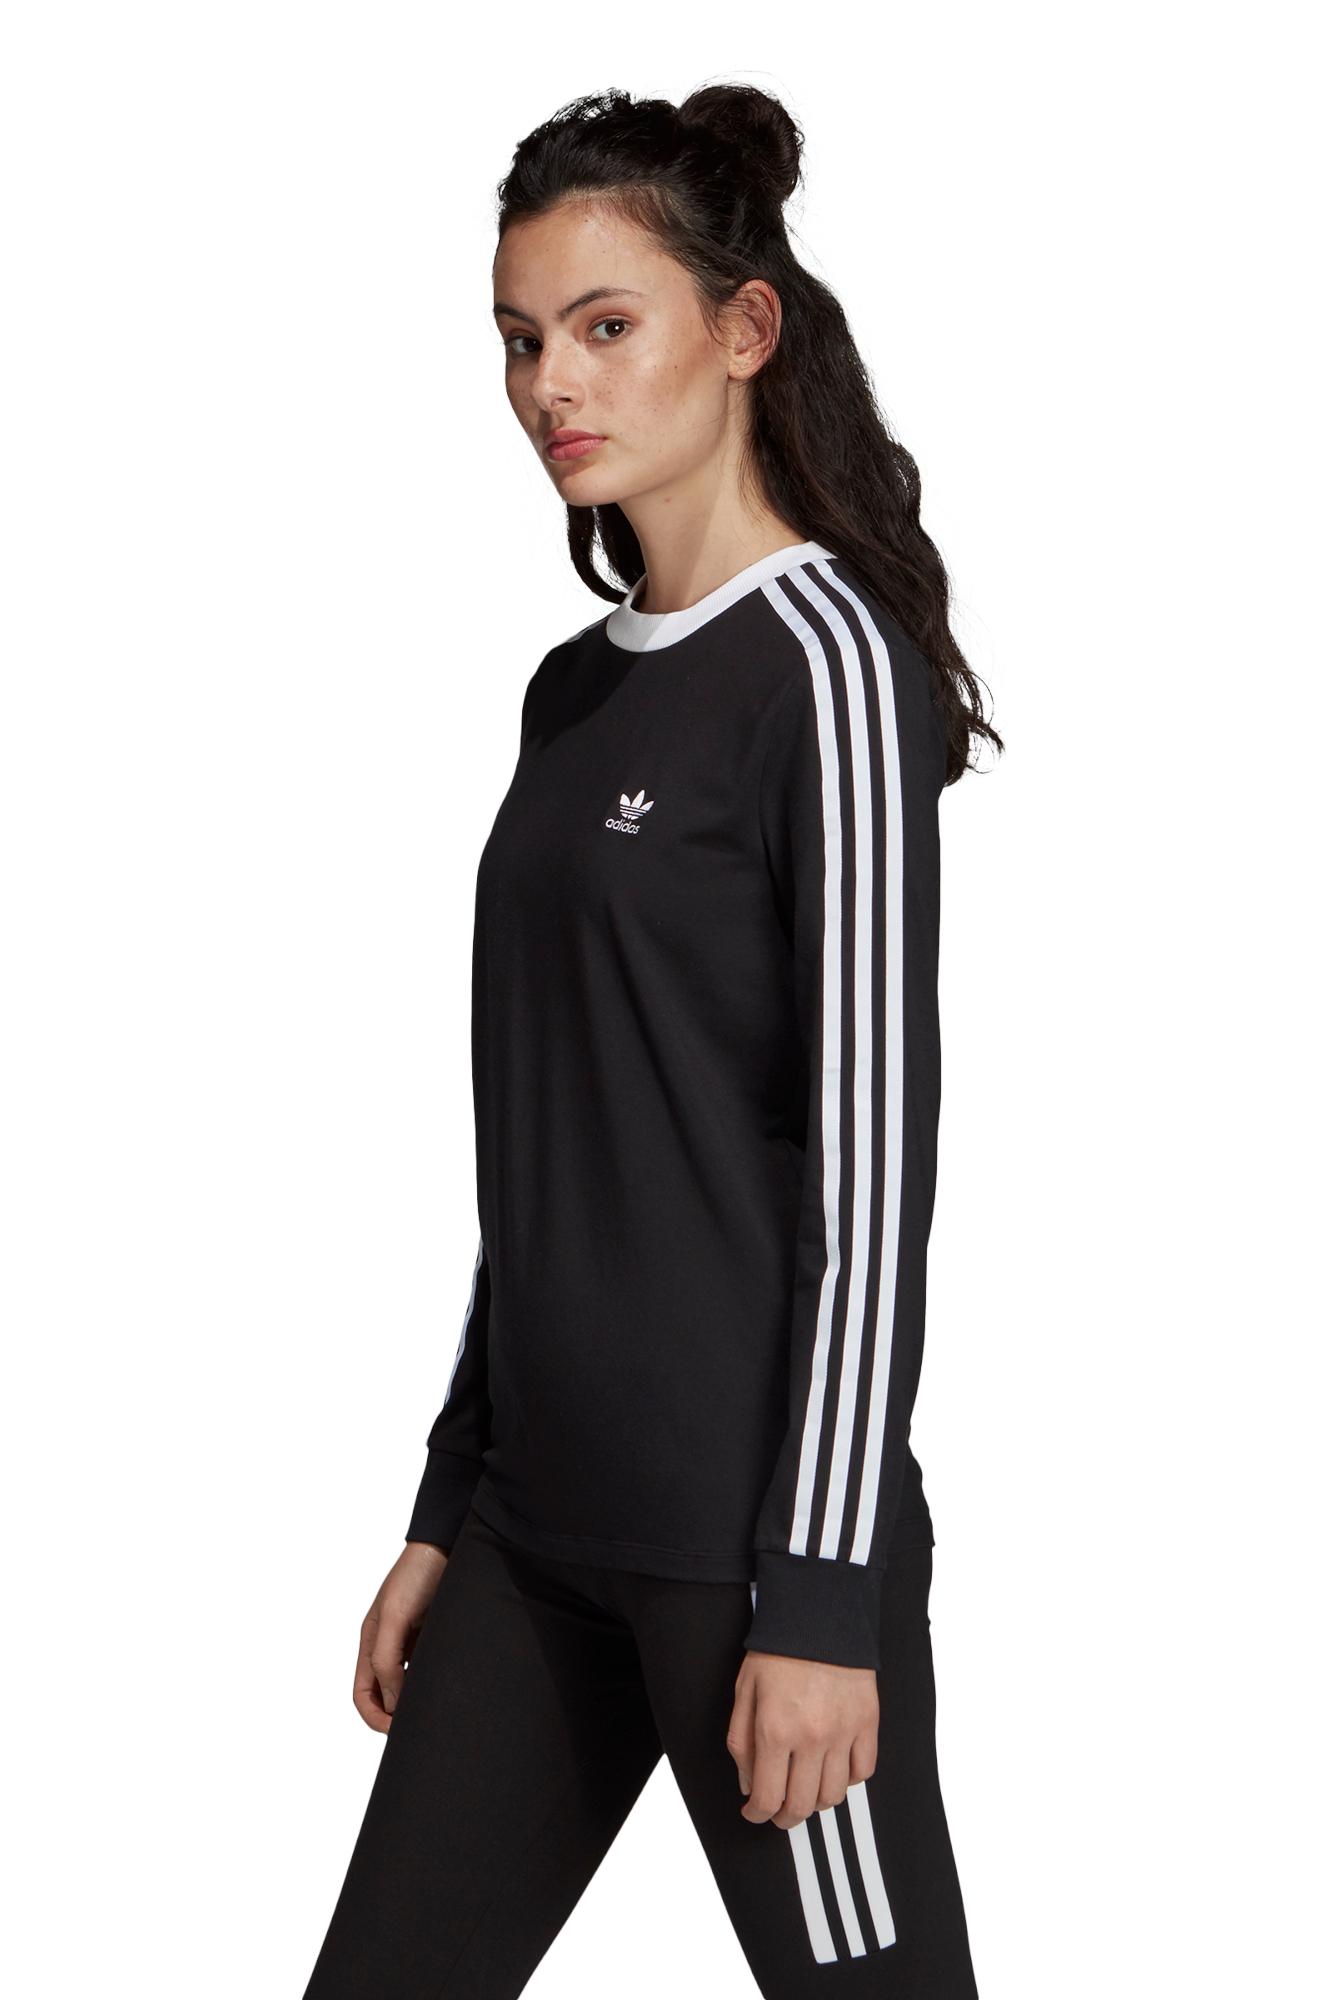 Longsleeve adidas Originals 3 Stripes DV2608 Longsleeve